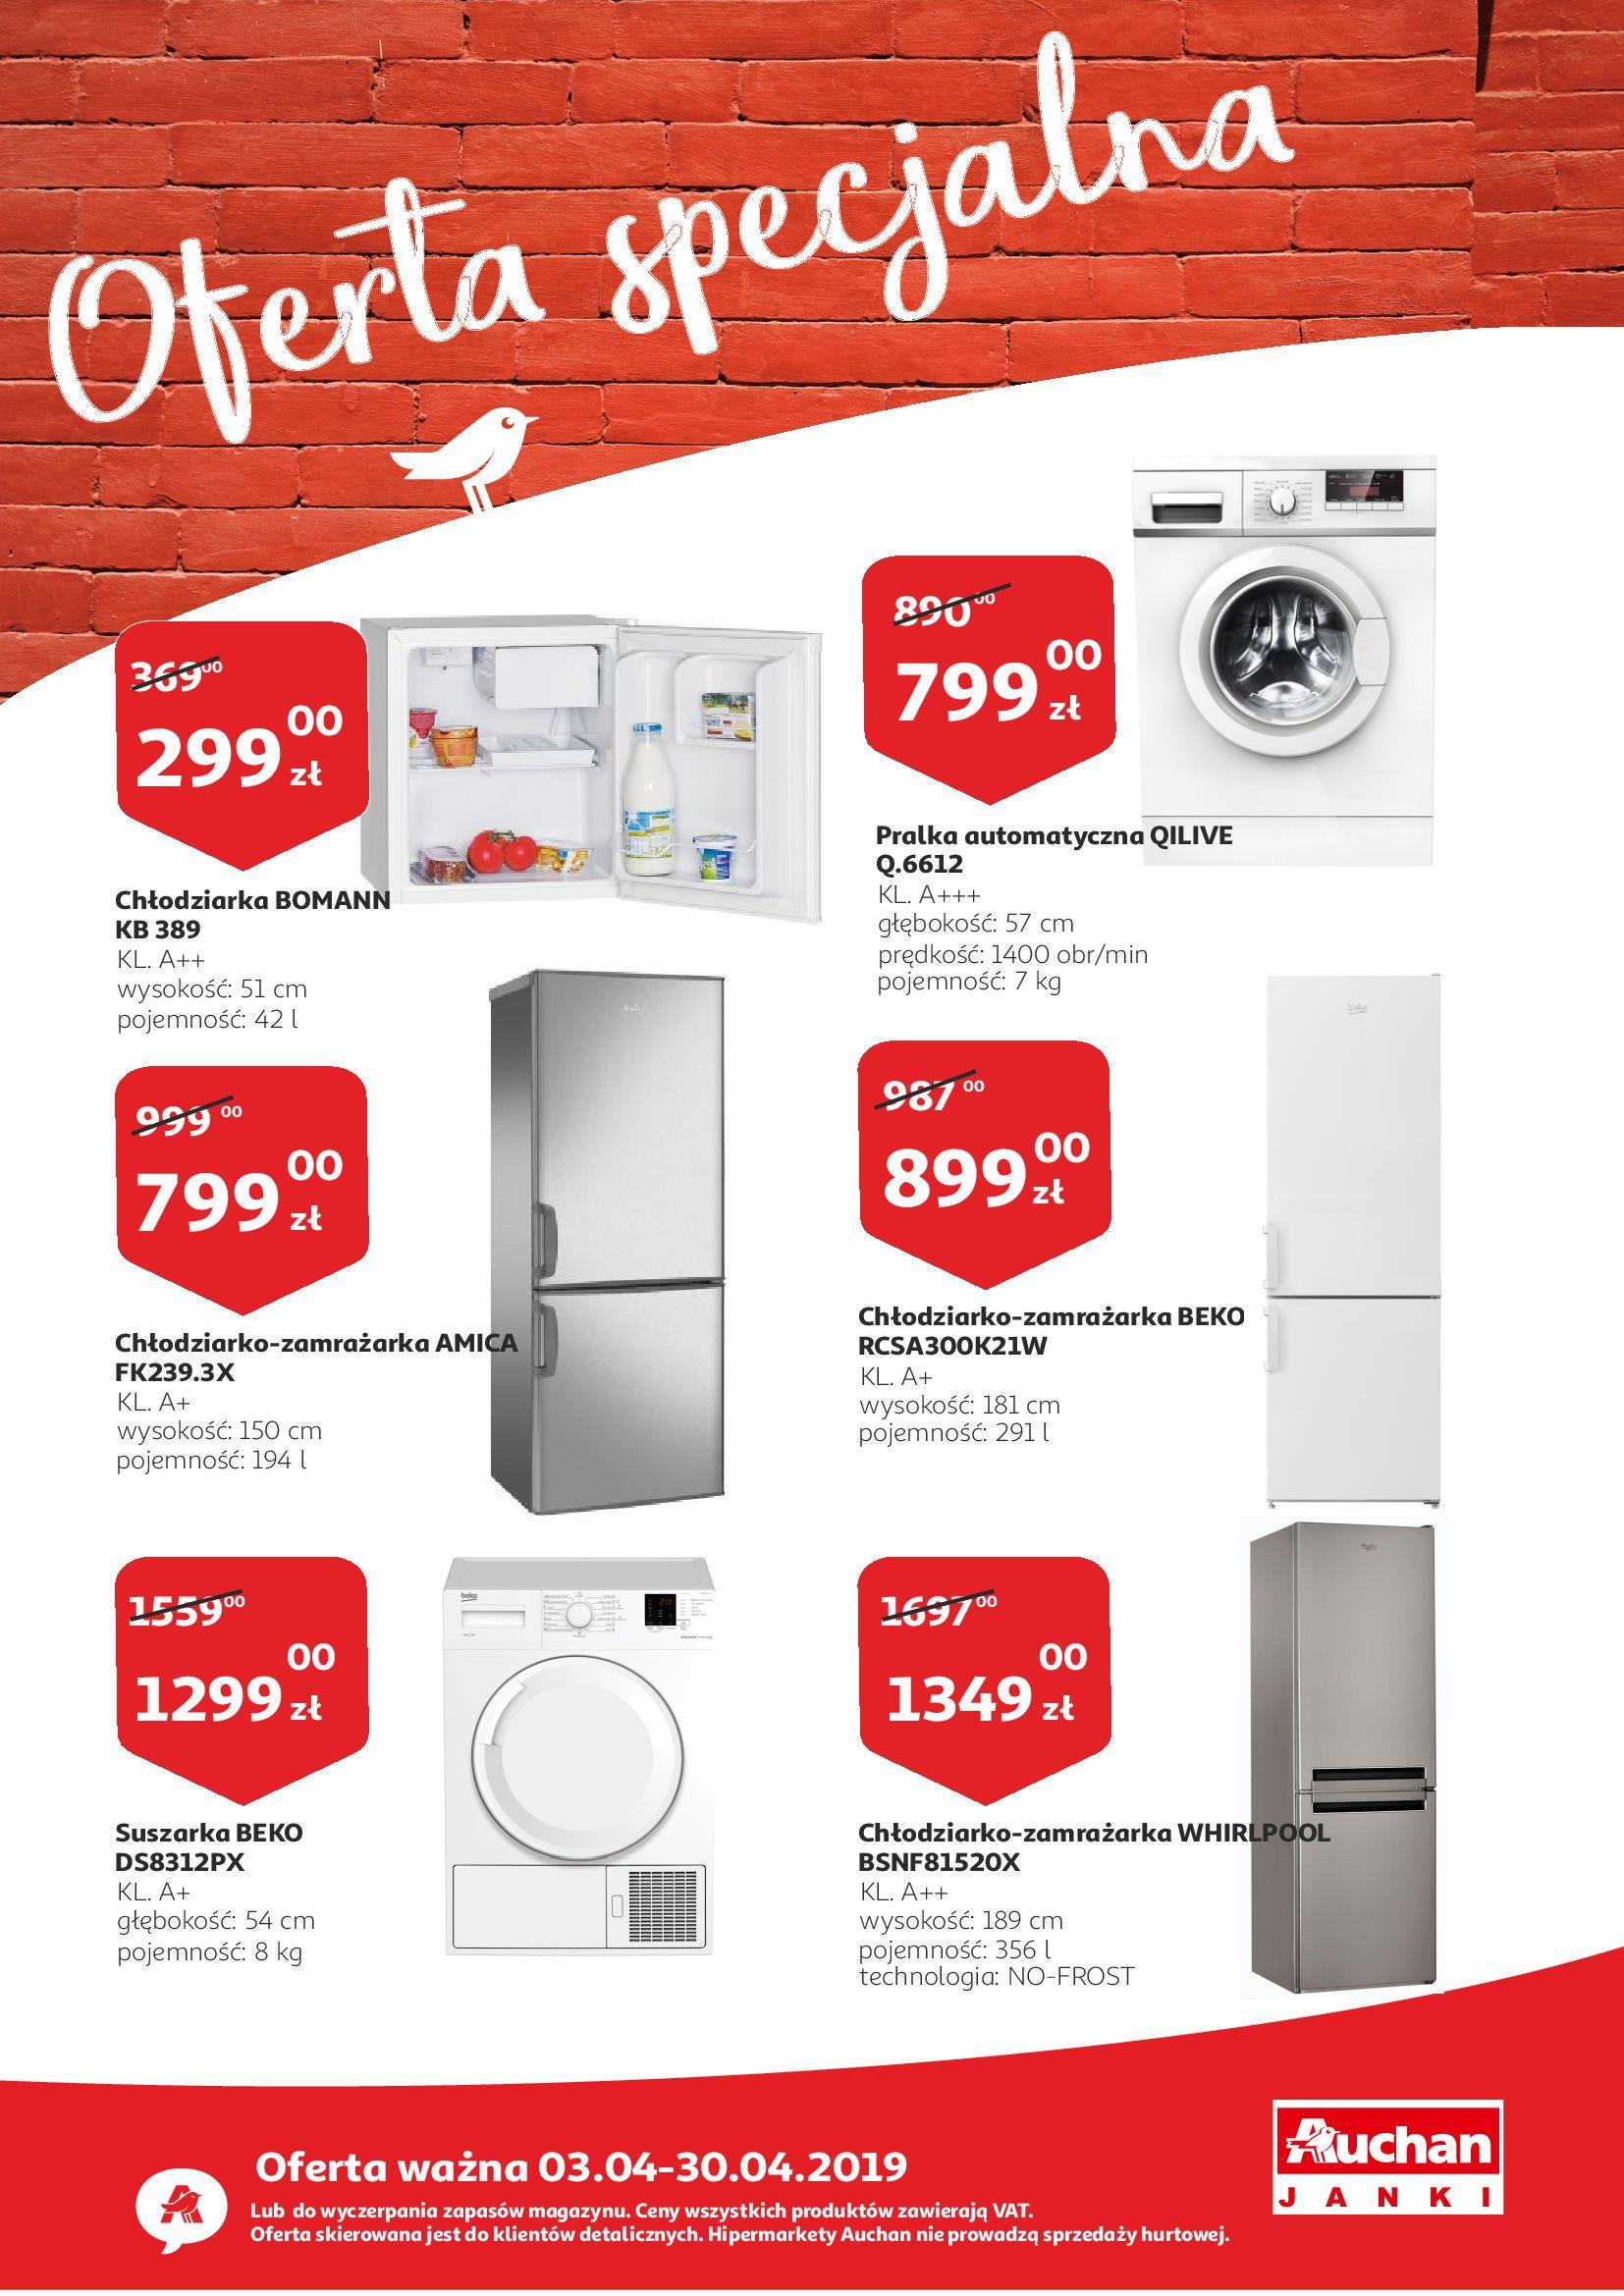 Gazetka Auchan - Oferta specjalna-02.04.2019-30.04.2019-page-